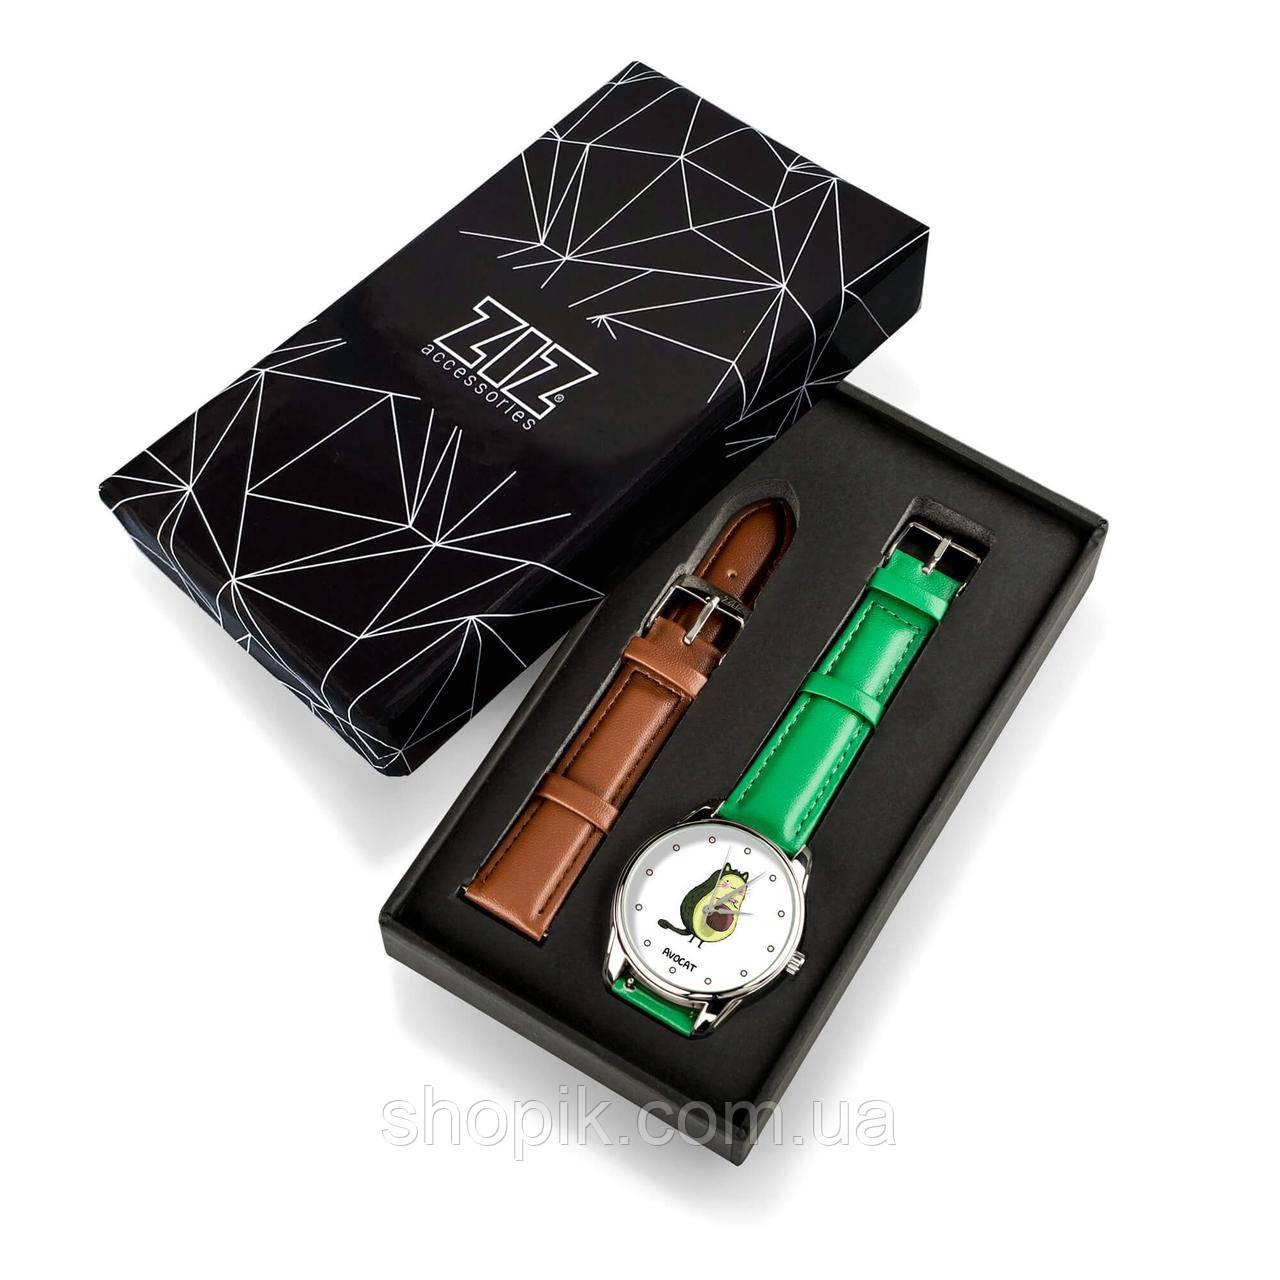 Годинник ZIZ Авокот (ремінець смарагдово - зелений, срібло) + додатковий ремінець SHOPIK